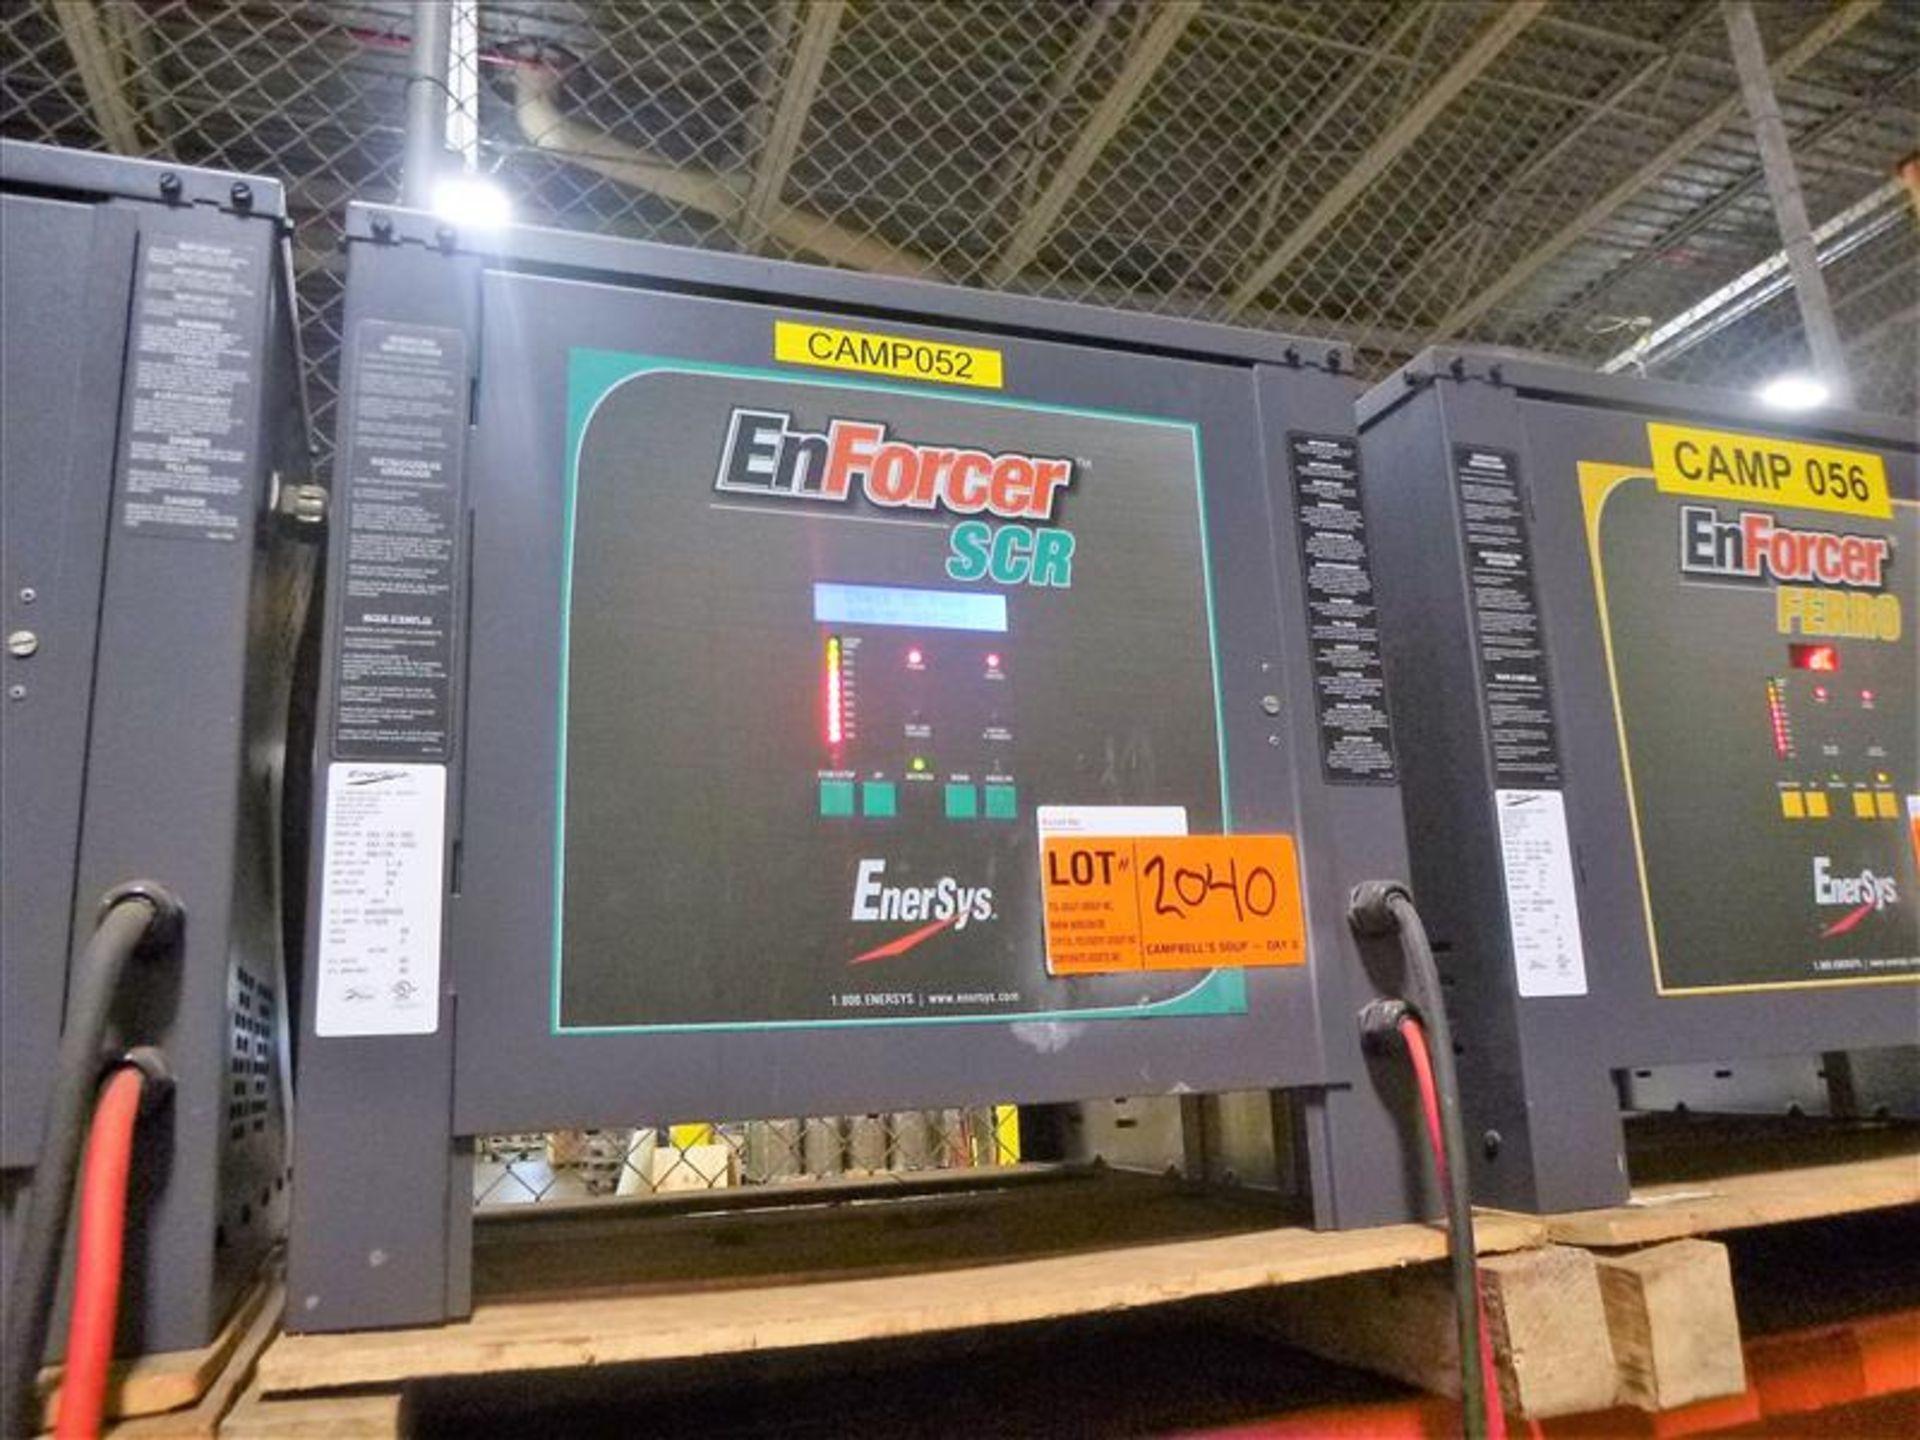 Lot 2040 - Enforcer SCR battery charger, 48V [Material Handling]